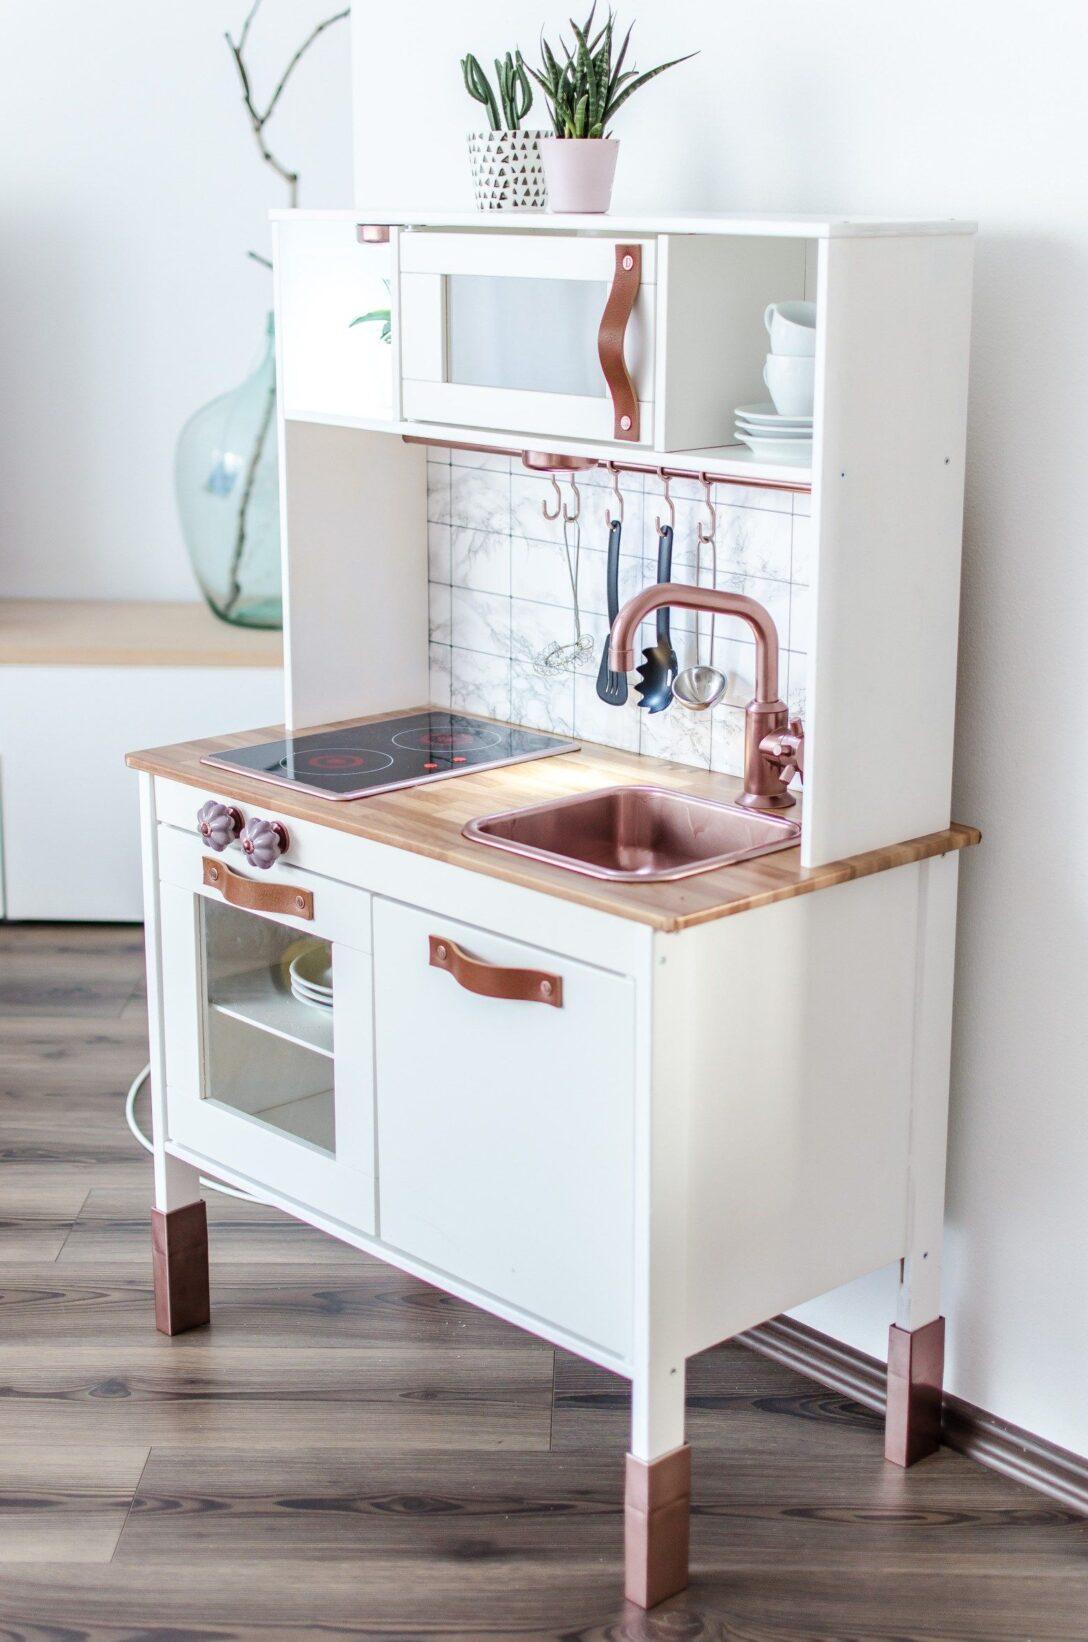 Large Size of Ikea Küchen Hacks Regal Miniküche Betten 160x200 Küche Kosten Kaufen Sofa Mit Schlaffunktion Modulküche Bei Wohnzimmer Ikea Küchen Hacks